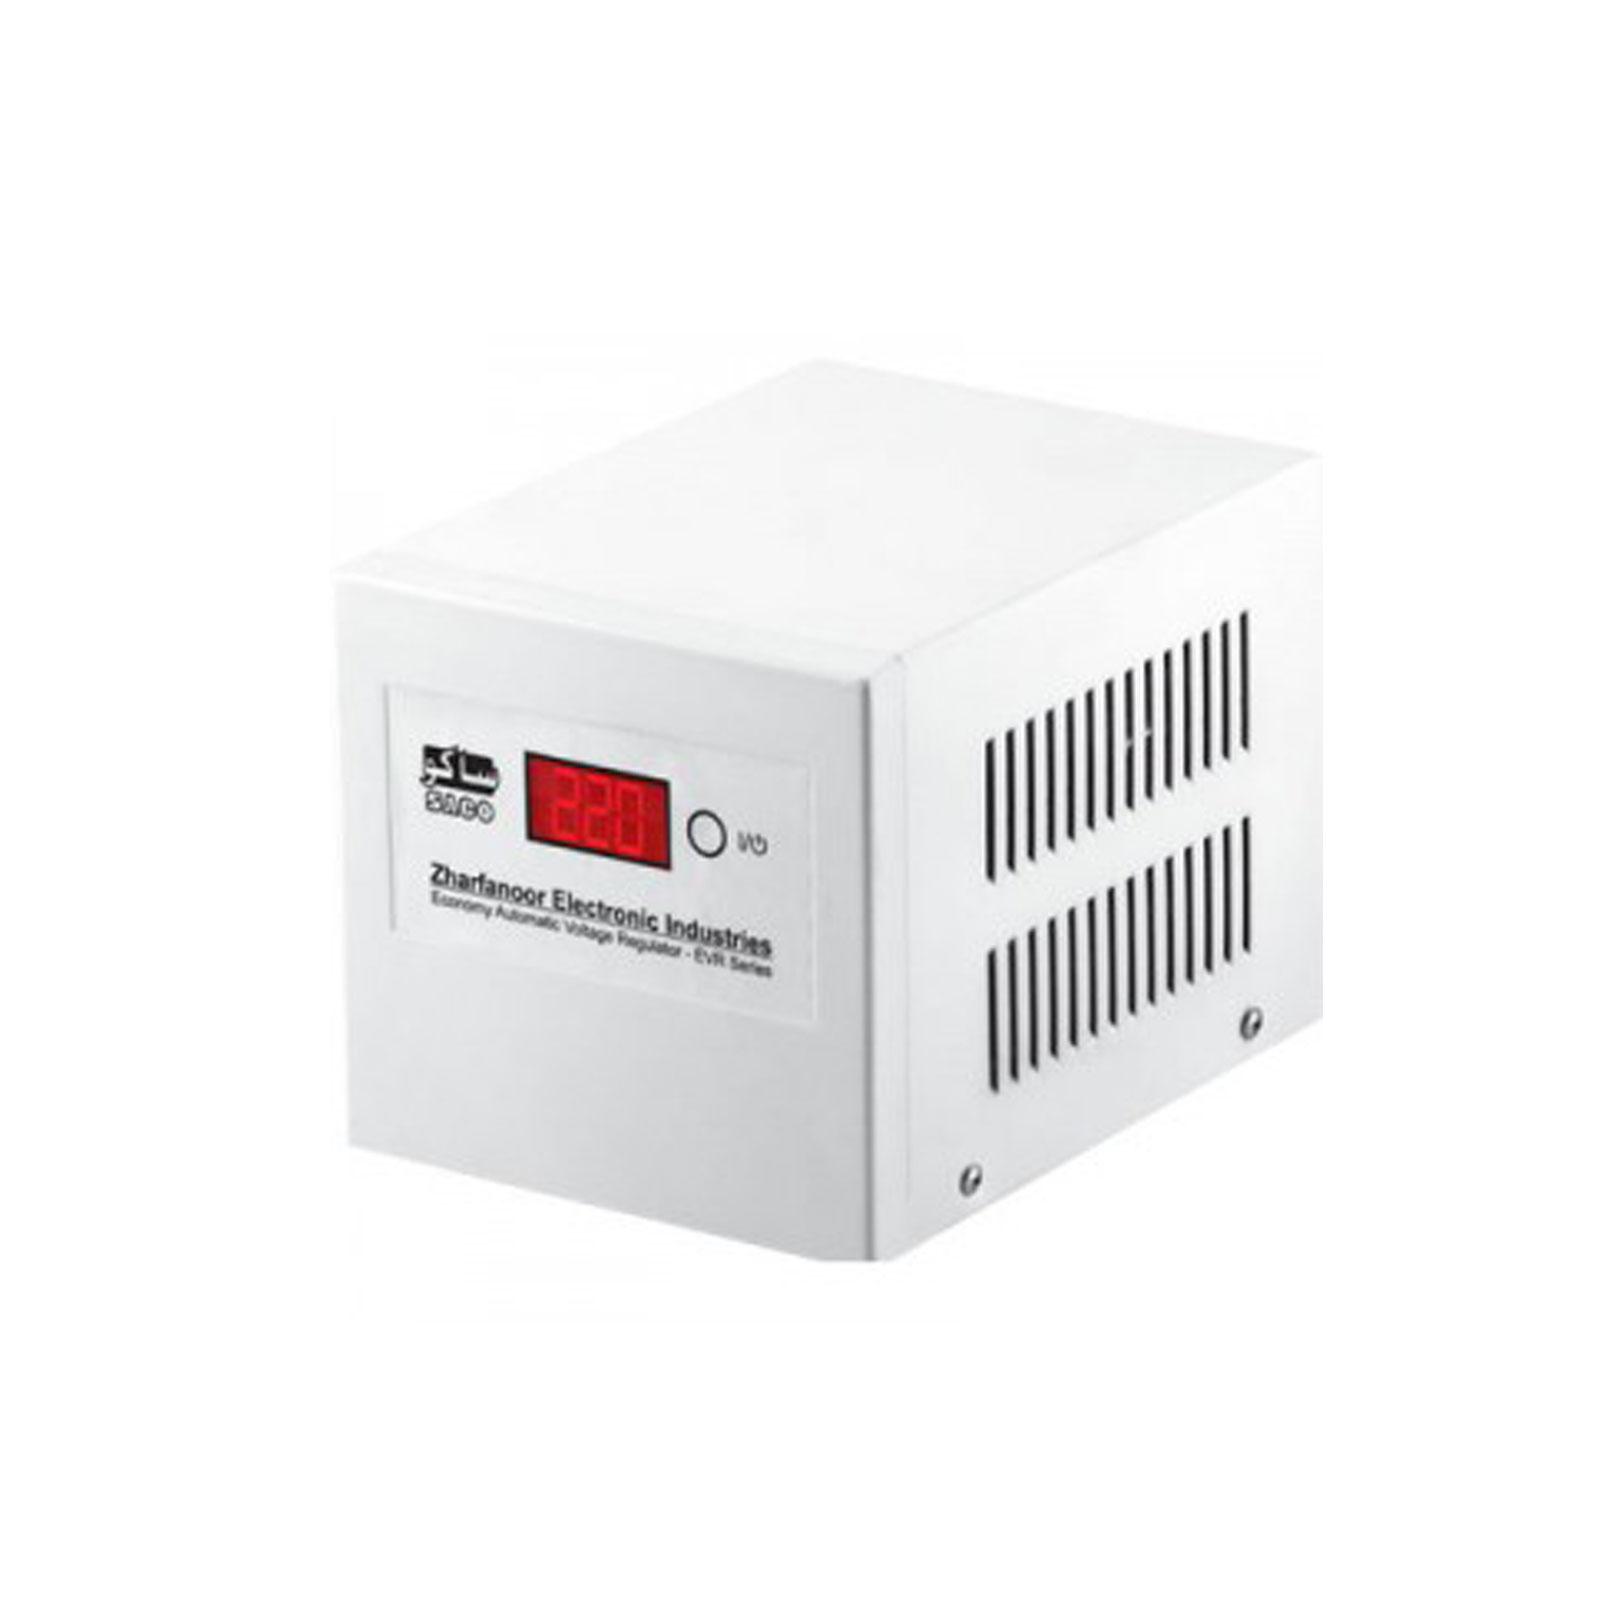 ترانس اتوماتیک دیجیتال ساکو تک فاز مدل EVR-2000CE